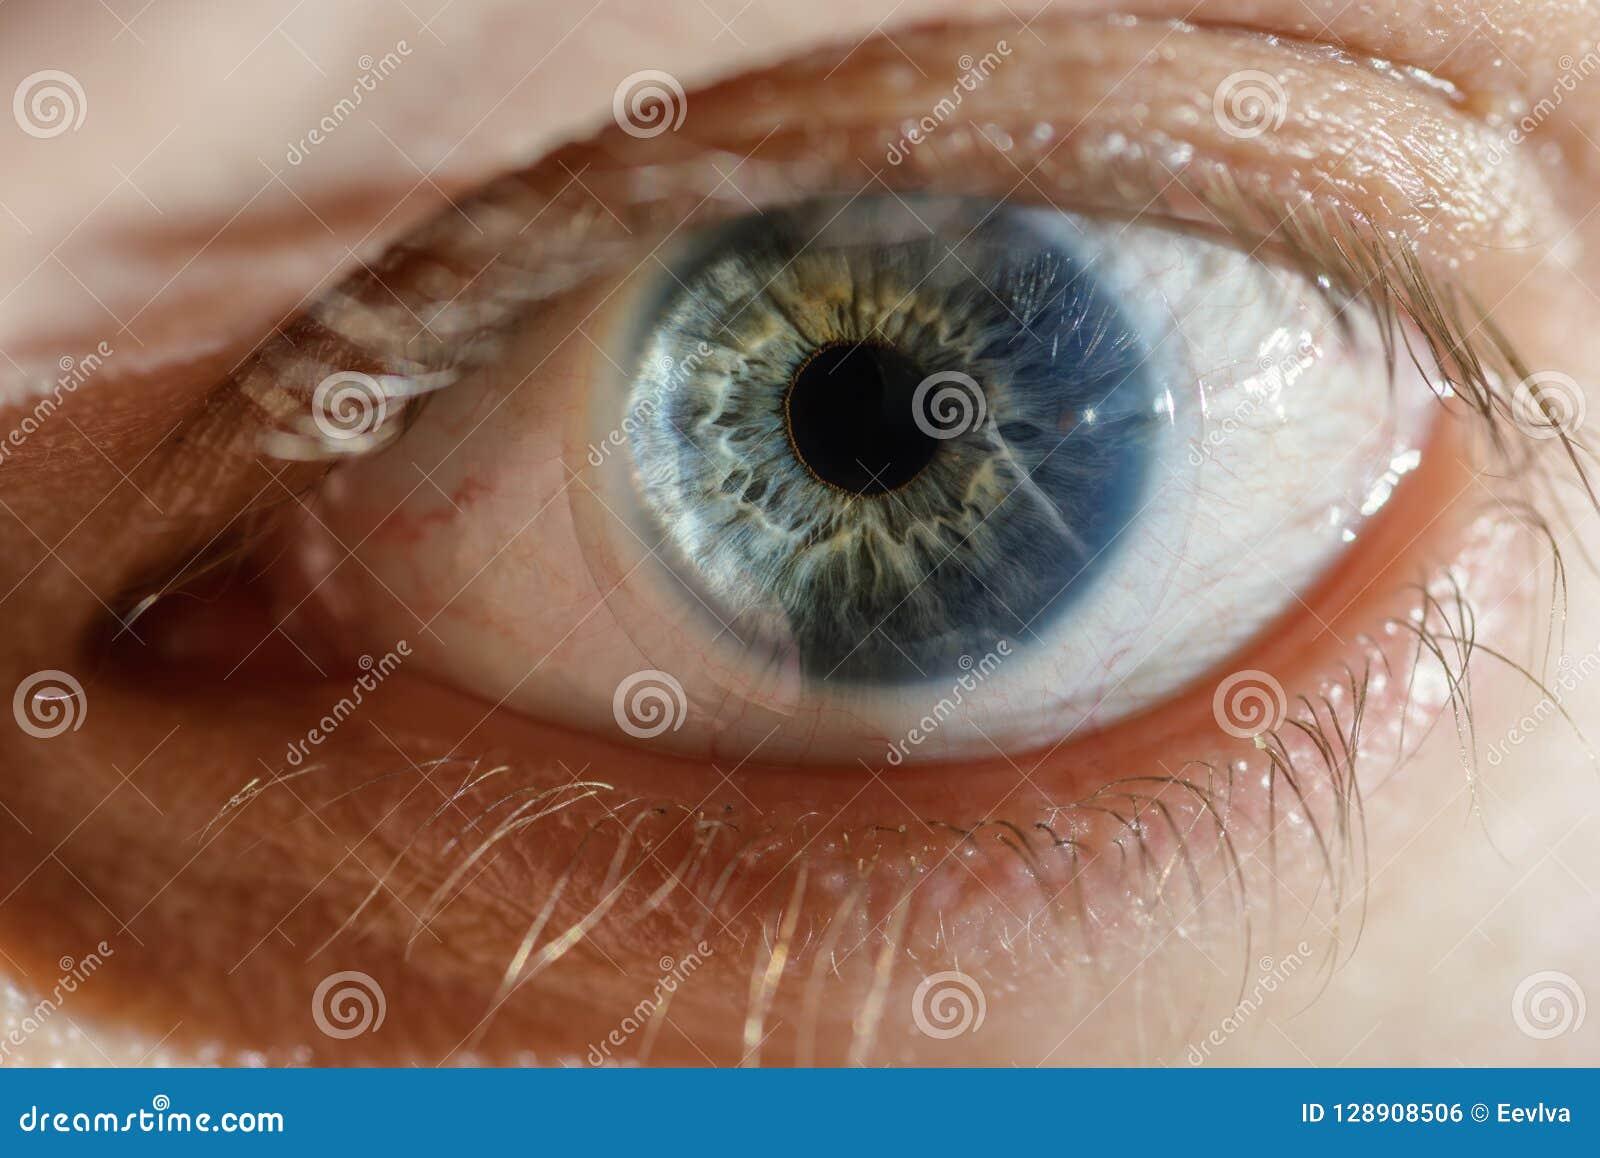 Olho azul do homem com lente de contato